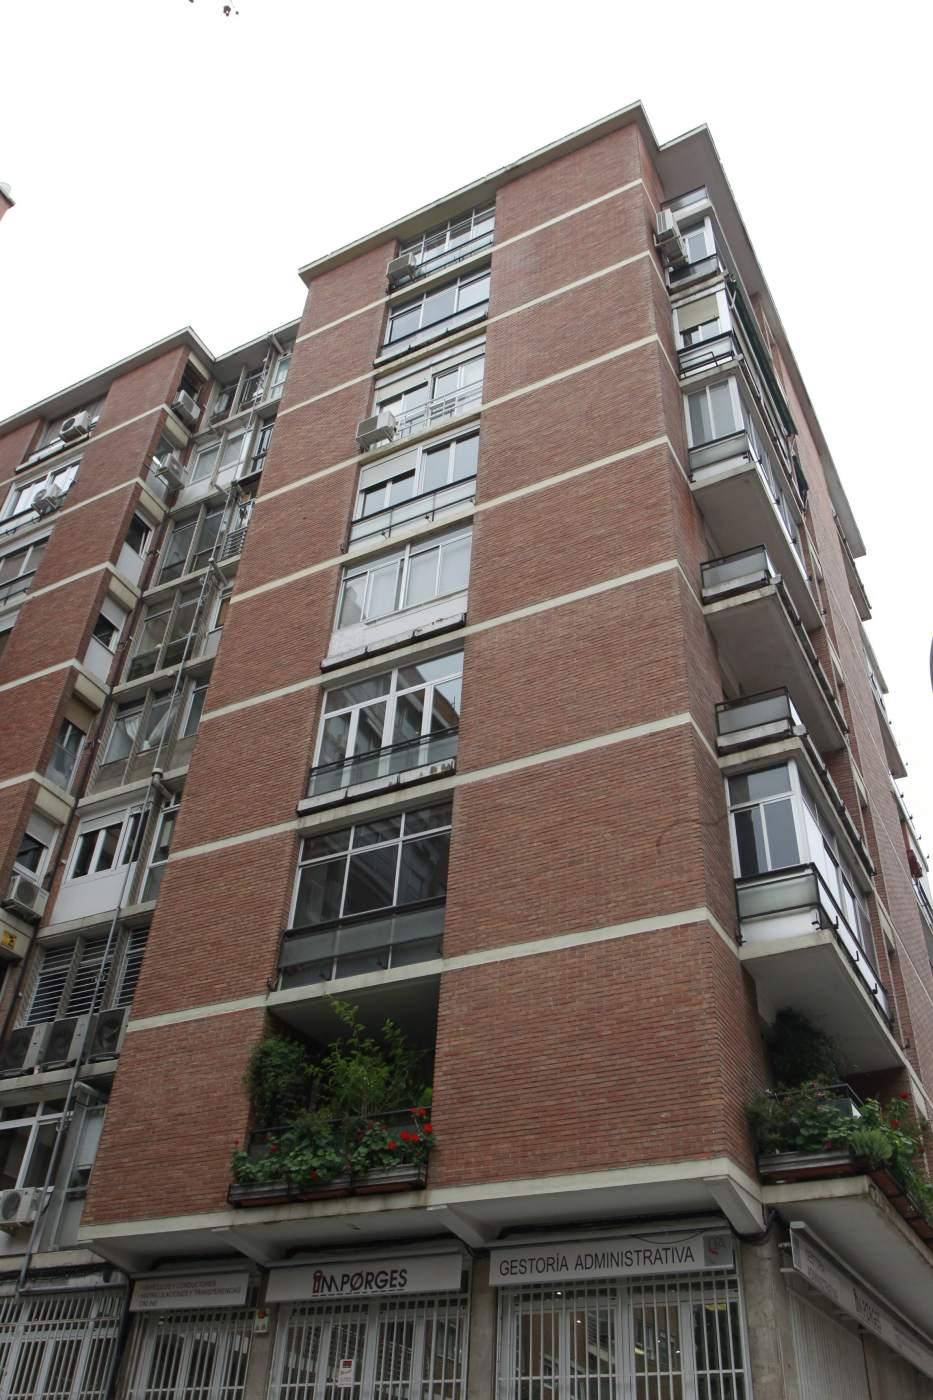 La pah advierte del aumento de deshaucios por alquileres y - Alquileres de pisos baratos en logrono ...